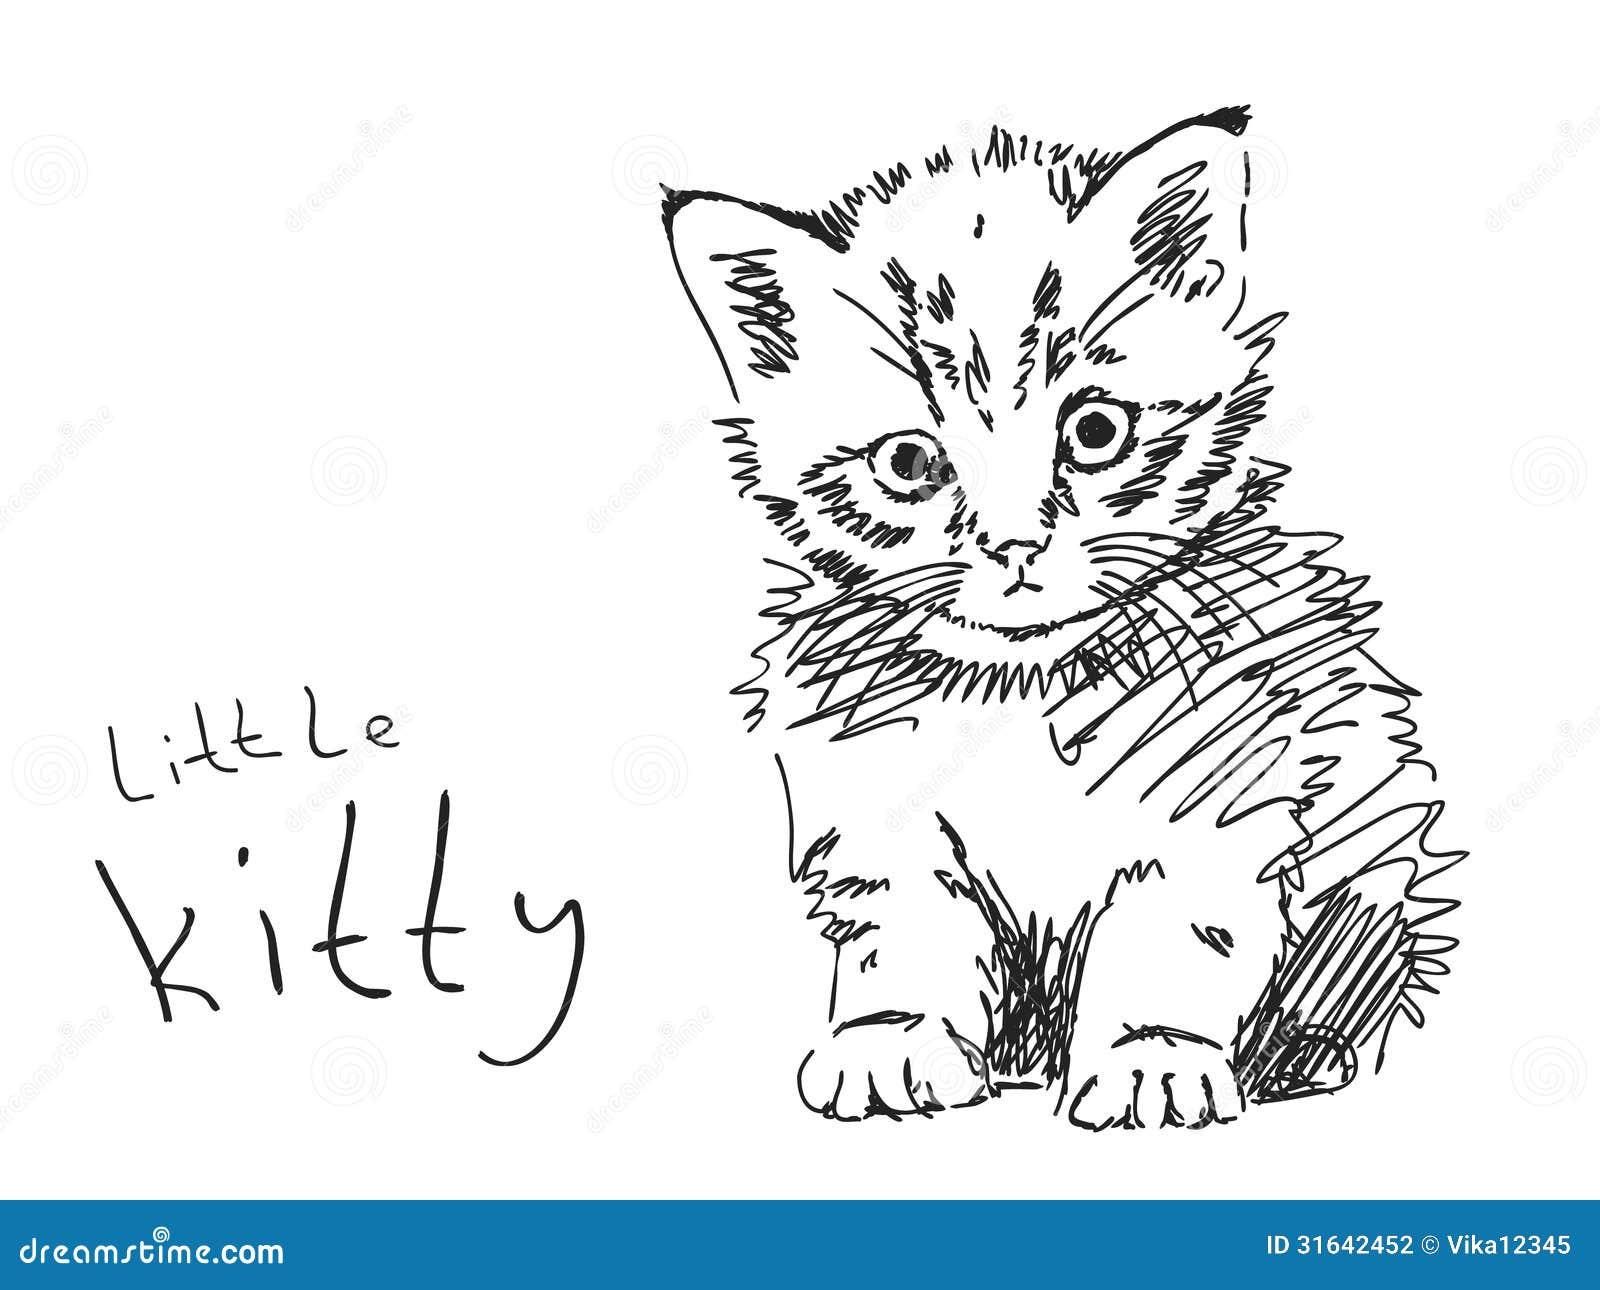 Pagine Da Colorare Di Maiali Download Disegni Di Maiali Da: Gattino Disegnato A Mano Fotografia Stock